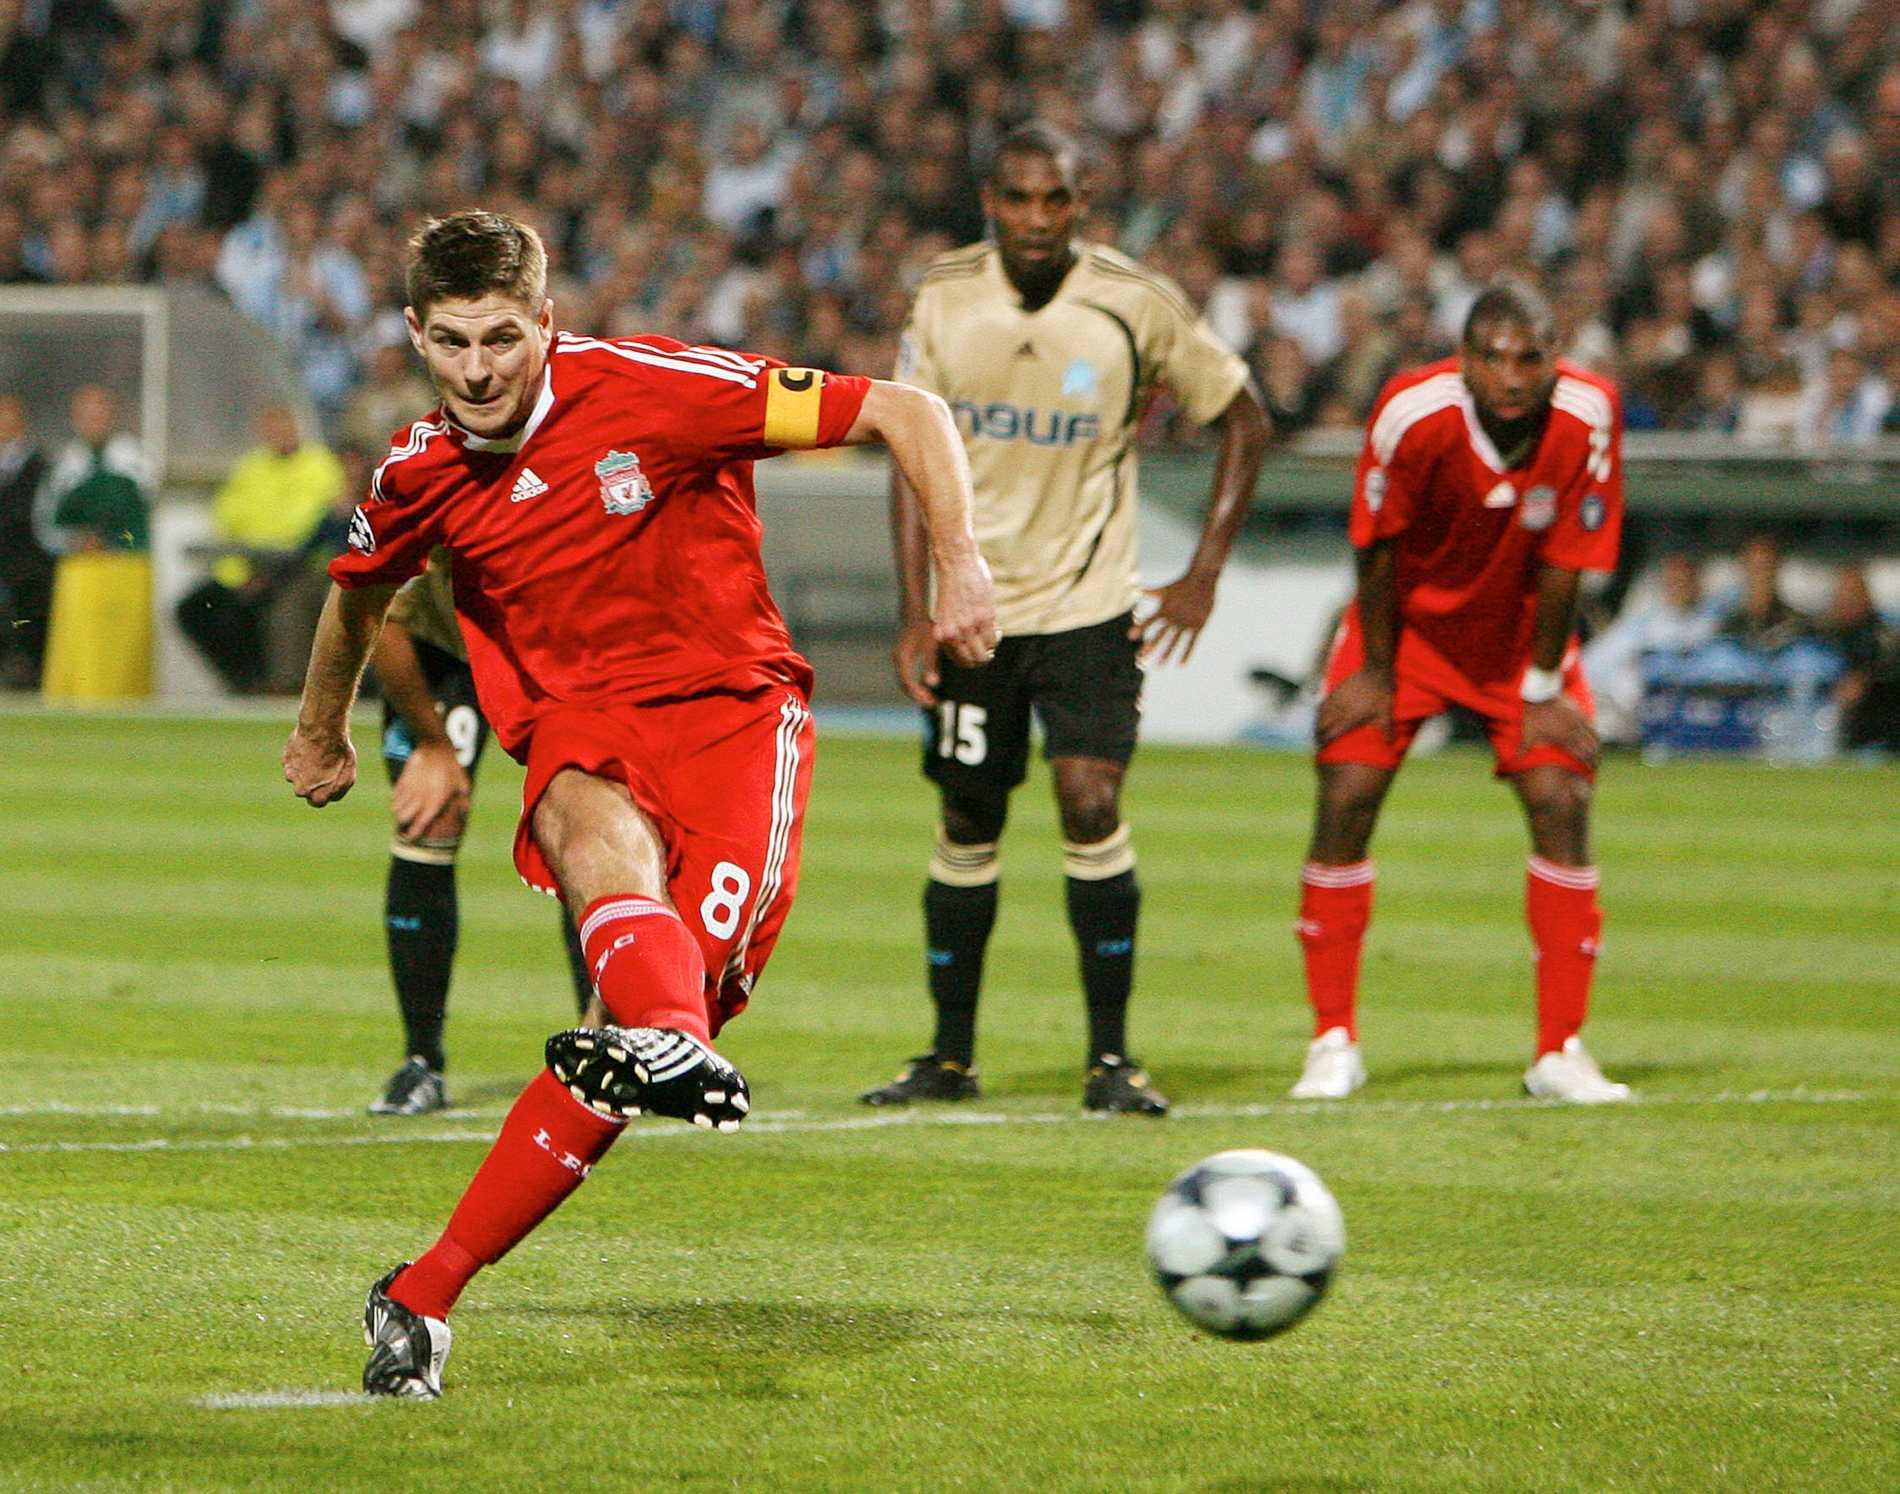 Gerrard krutar in en straff.